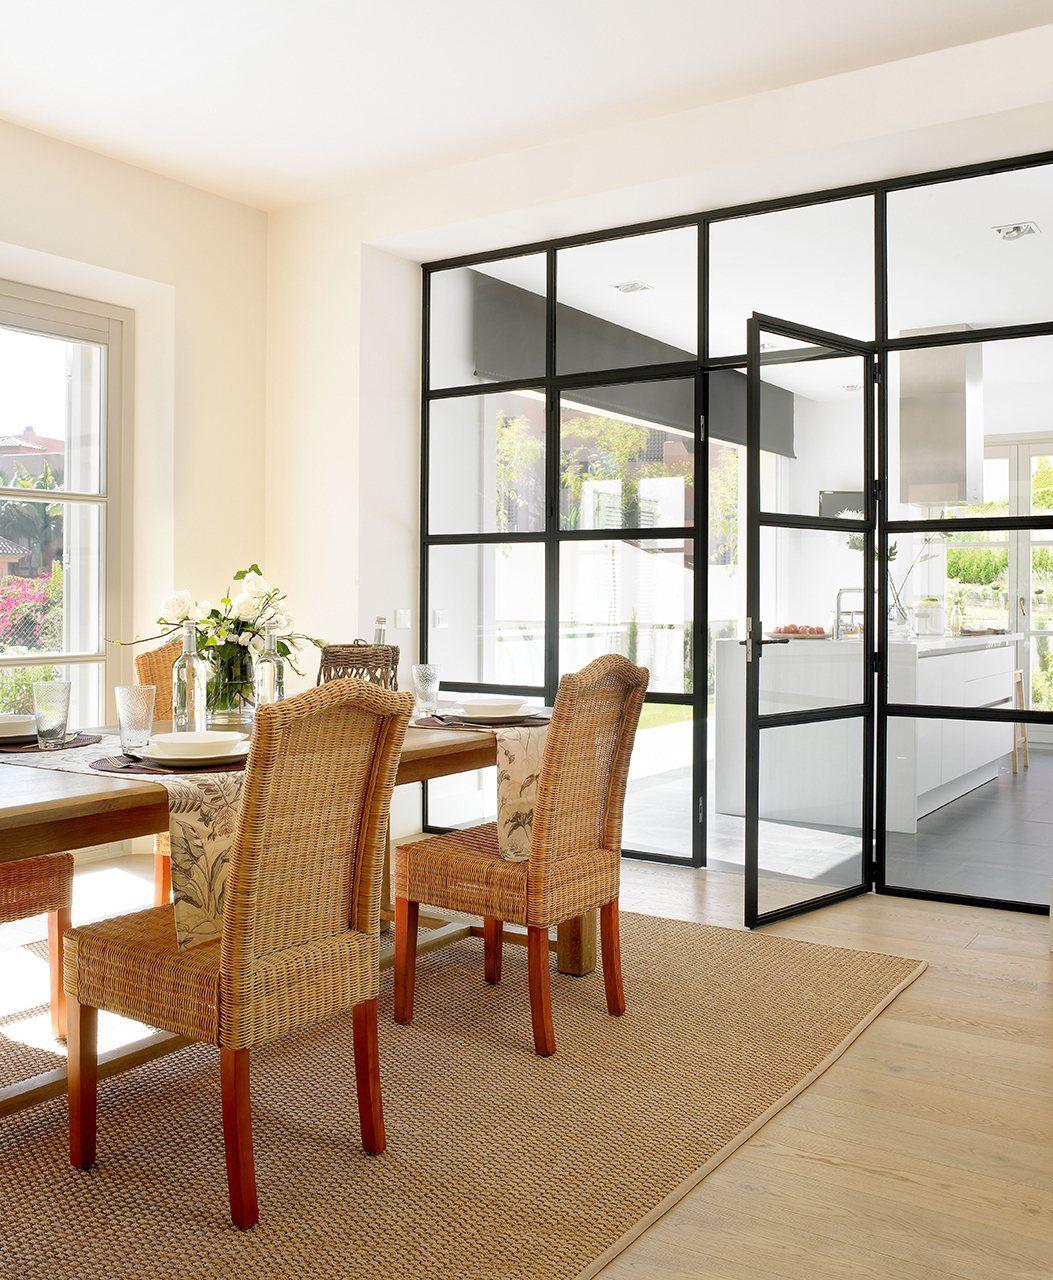 Cambia Tu Casa Renovando Puertas Y Ventanas Puertas Interiores De Vidrio Mamparas De Aluminio Pared Cristal